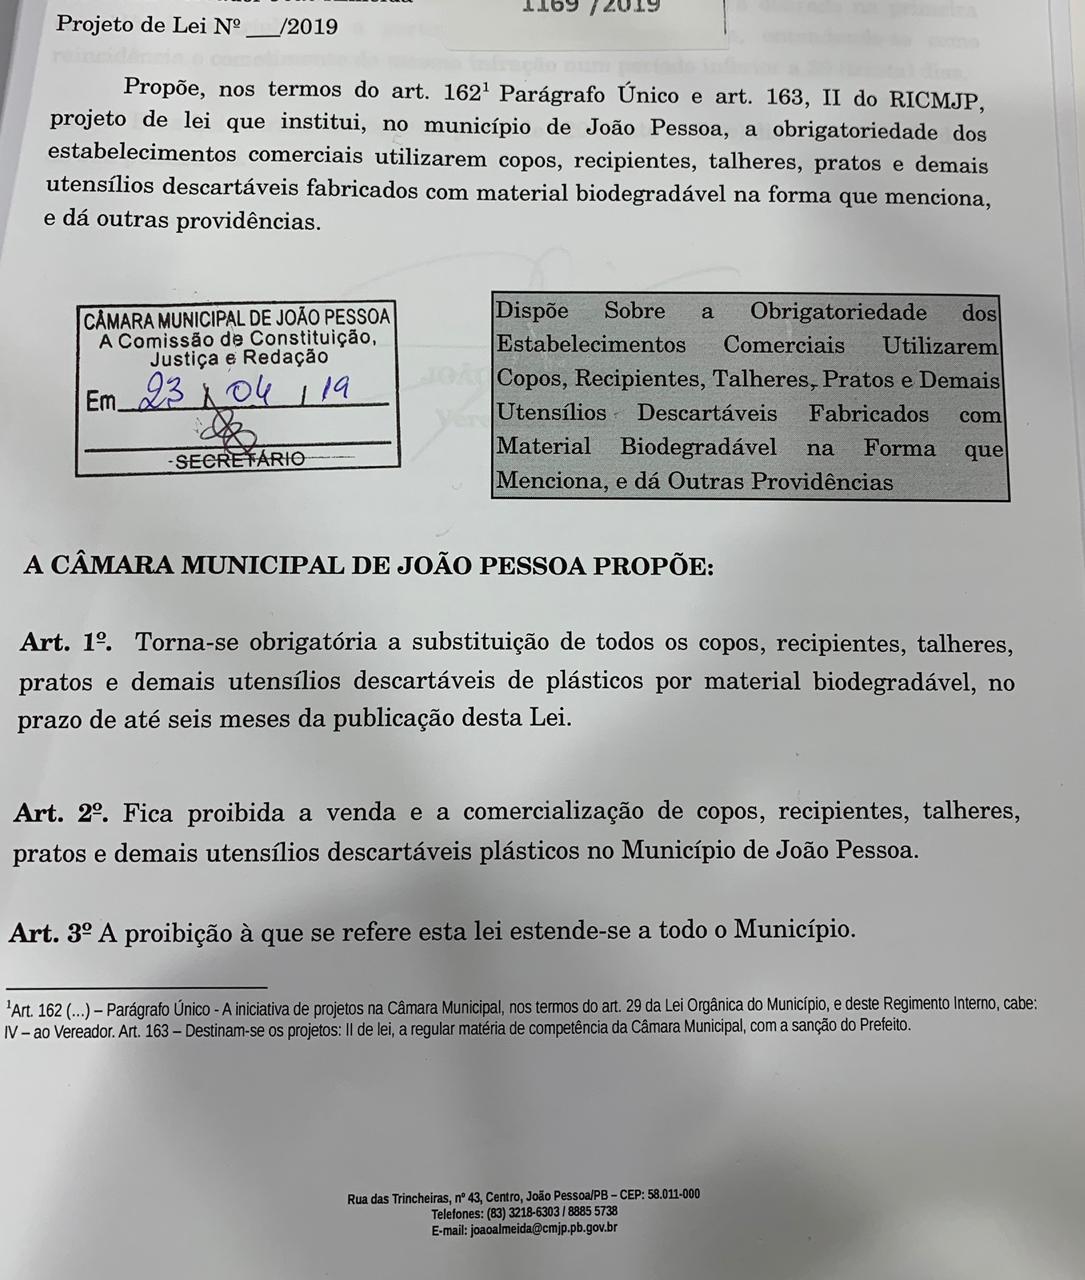 a5b877db 41a6 450f b4d8 71bf7df4a606 - Projeto de lei quer proibir venda e comercialização de qualquer material de plástico em João Pessoa